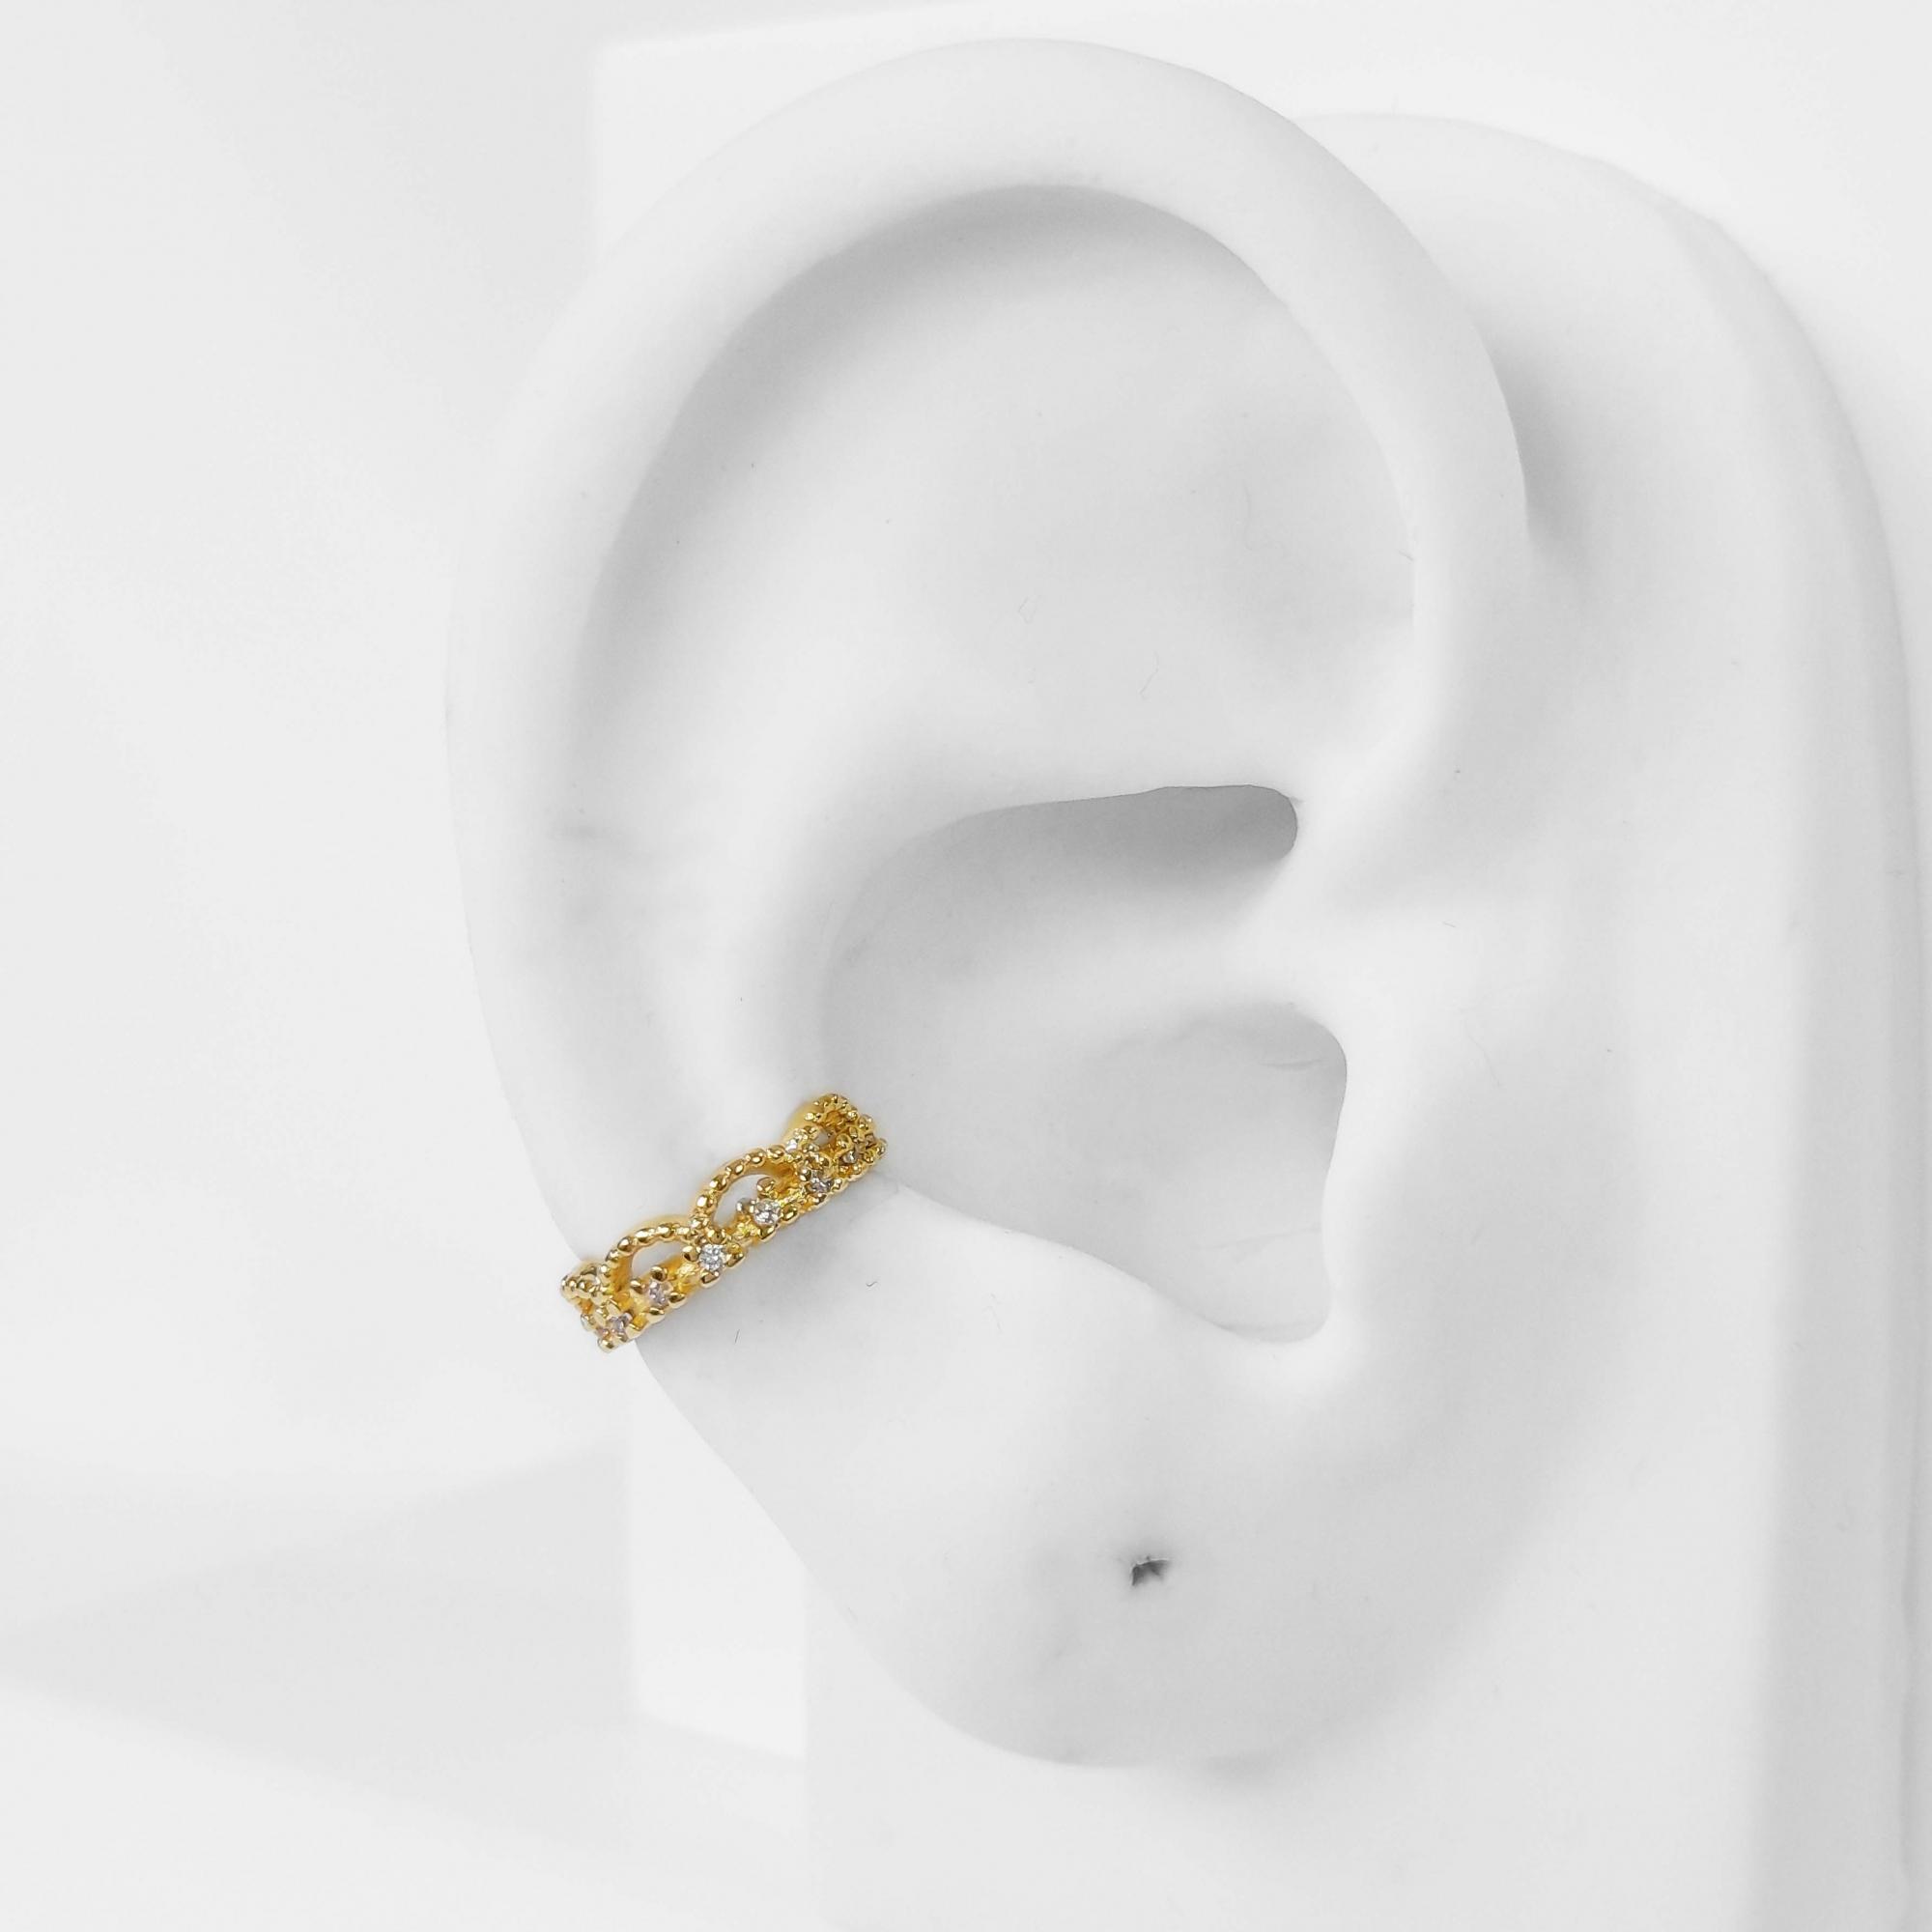 Piercing Fake Delicado com Zircônia Folheado Ouro 18k  - Lunozê Joias